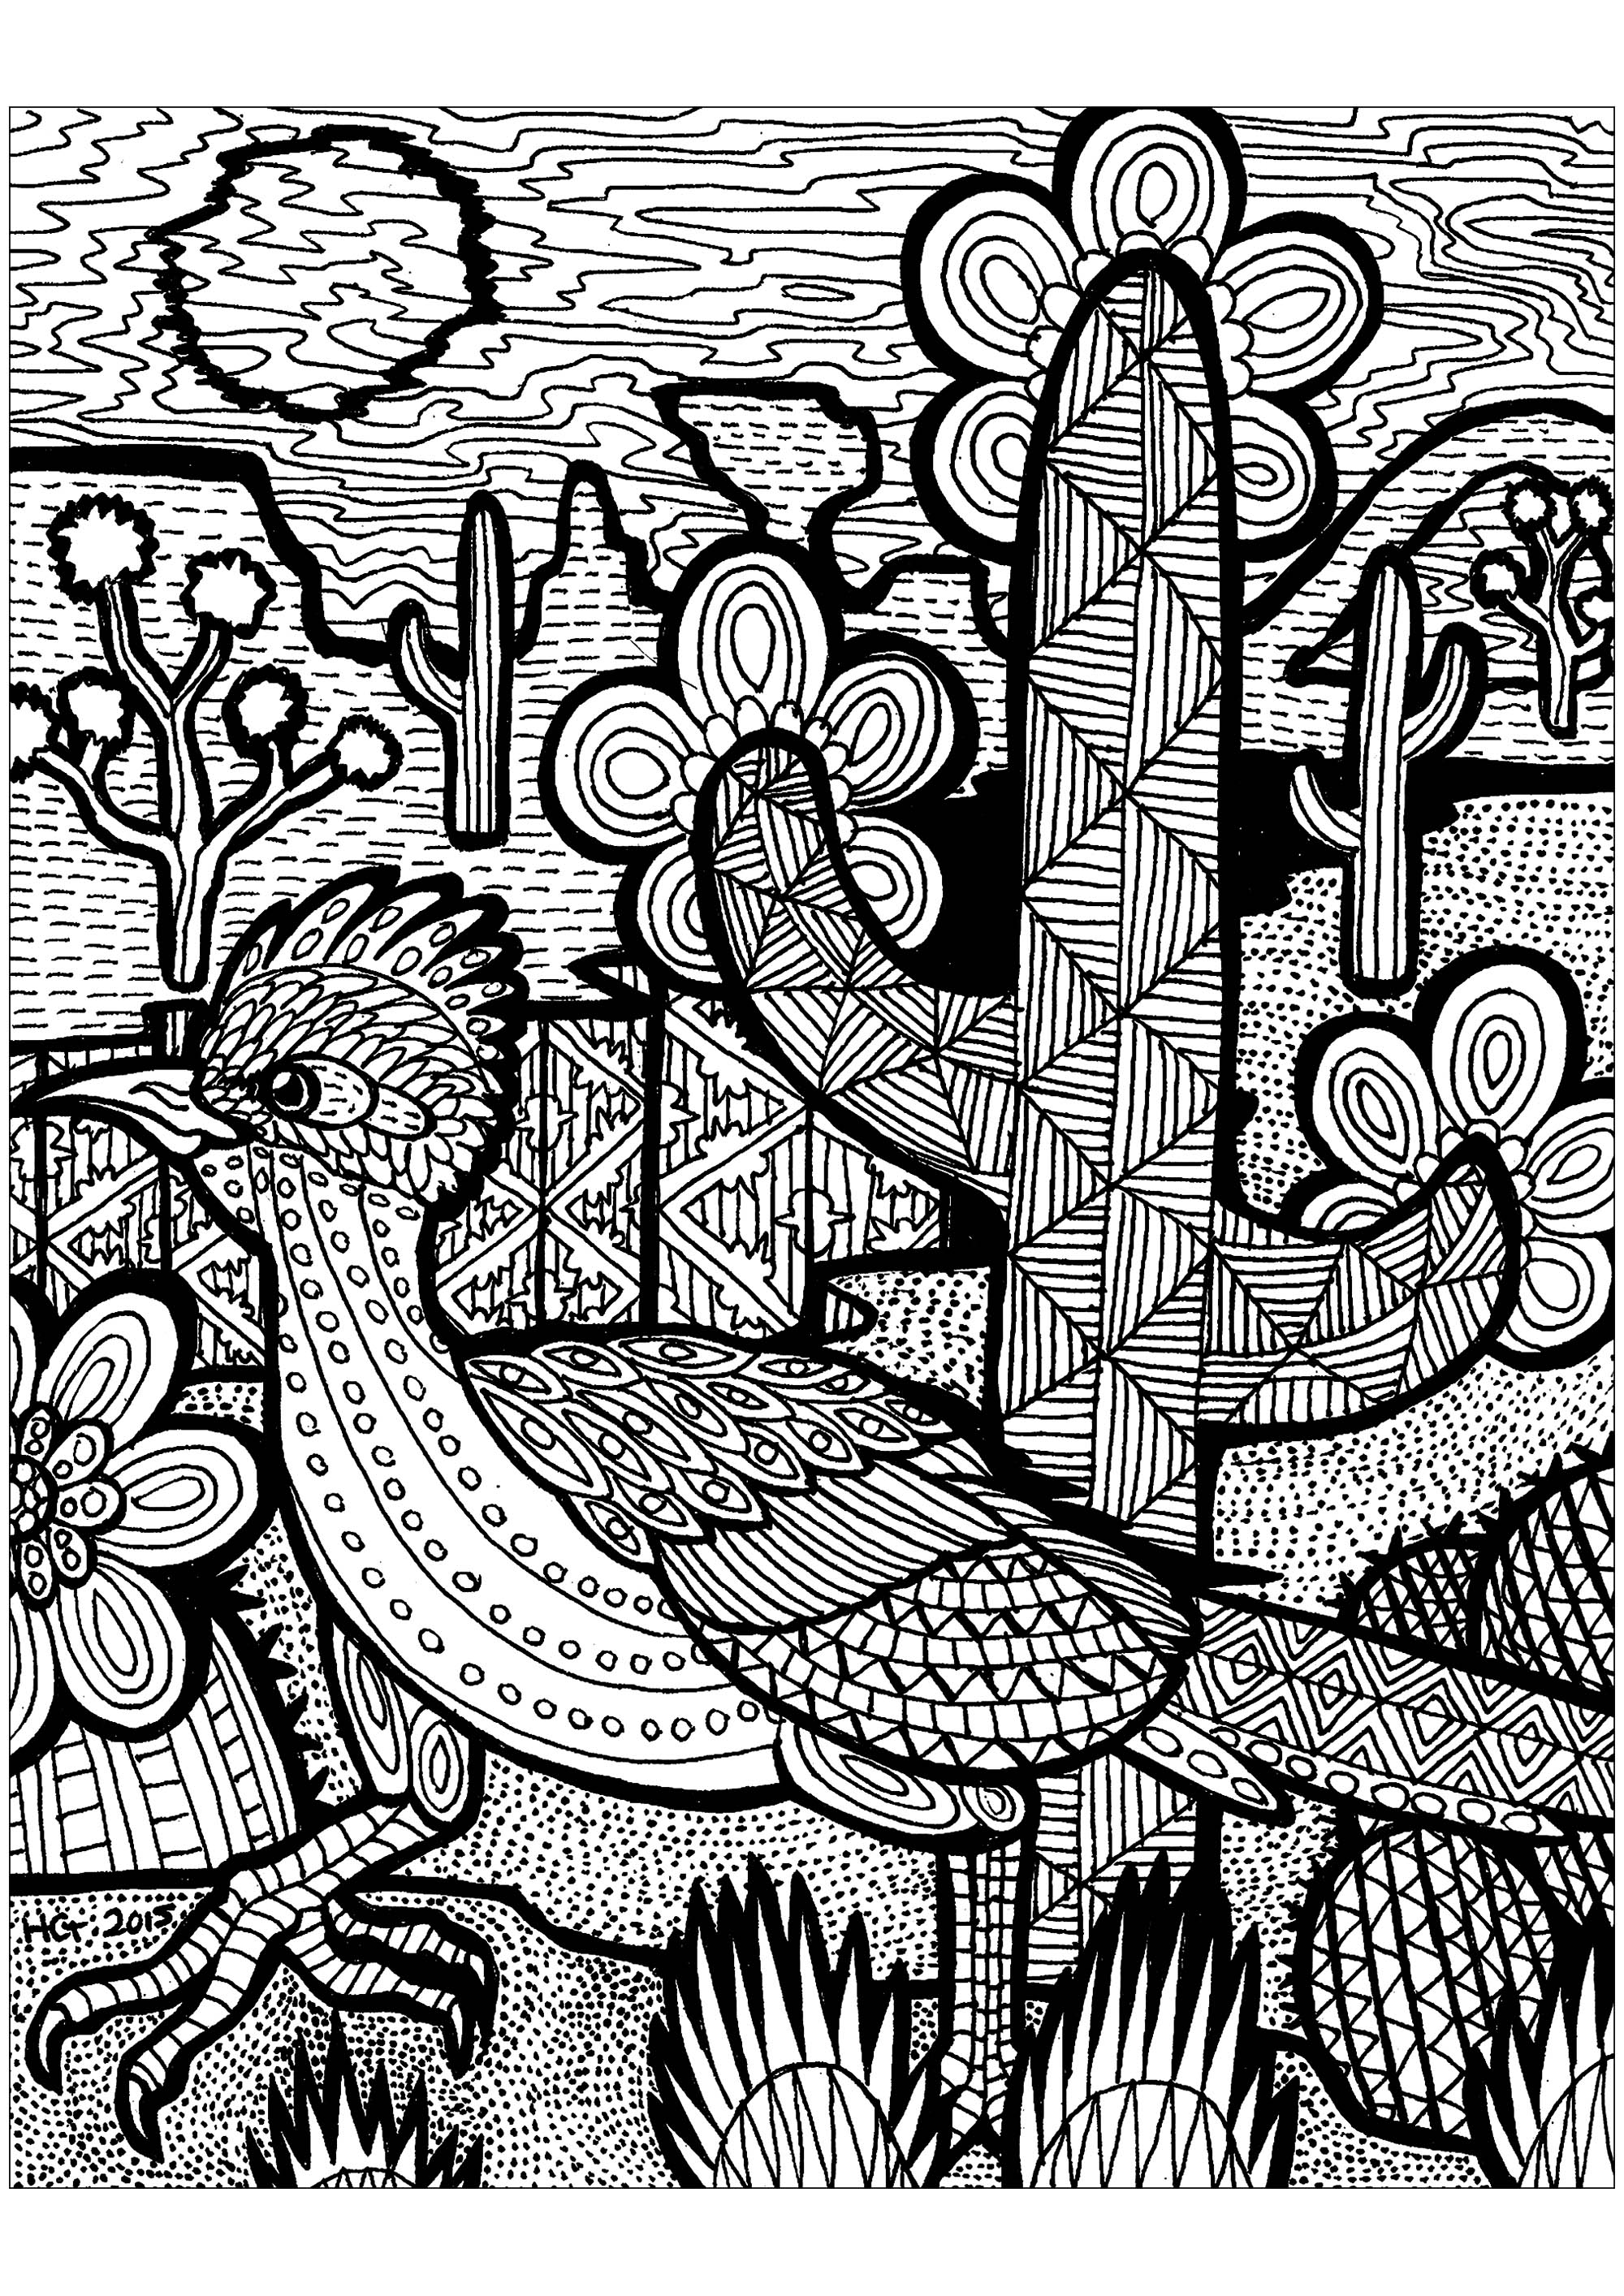 Il ne manque que quelques couleurs à ce bel oiseau pour trouver sa route dans le desert.